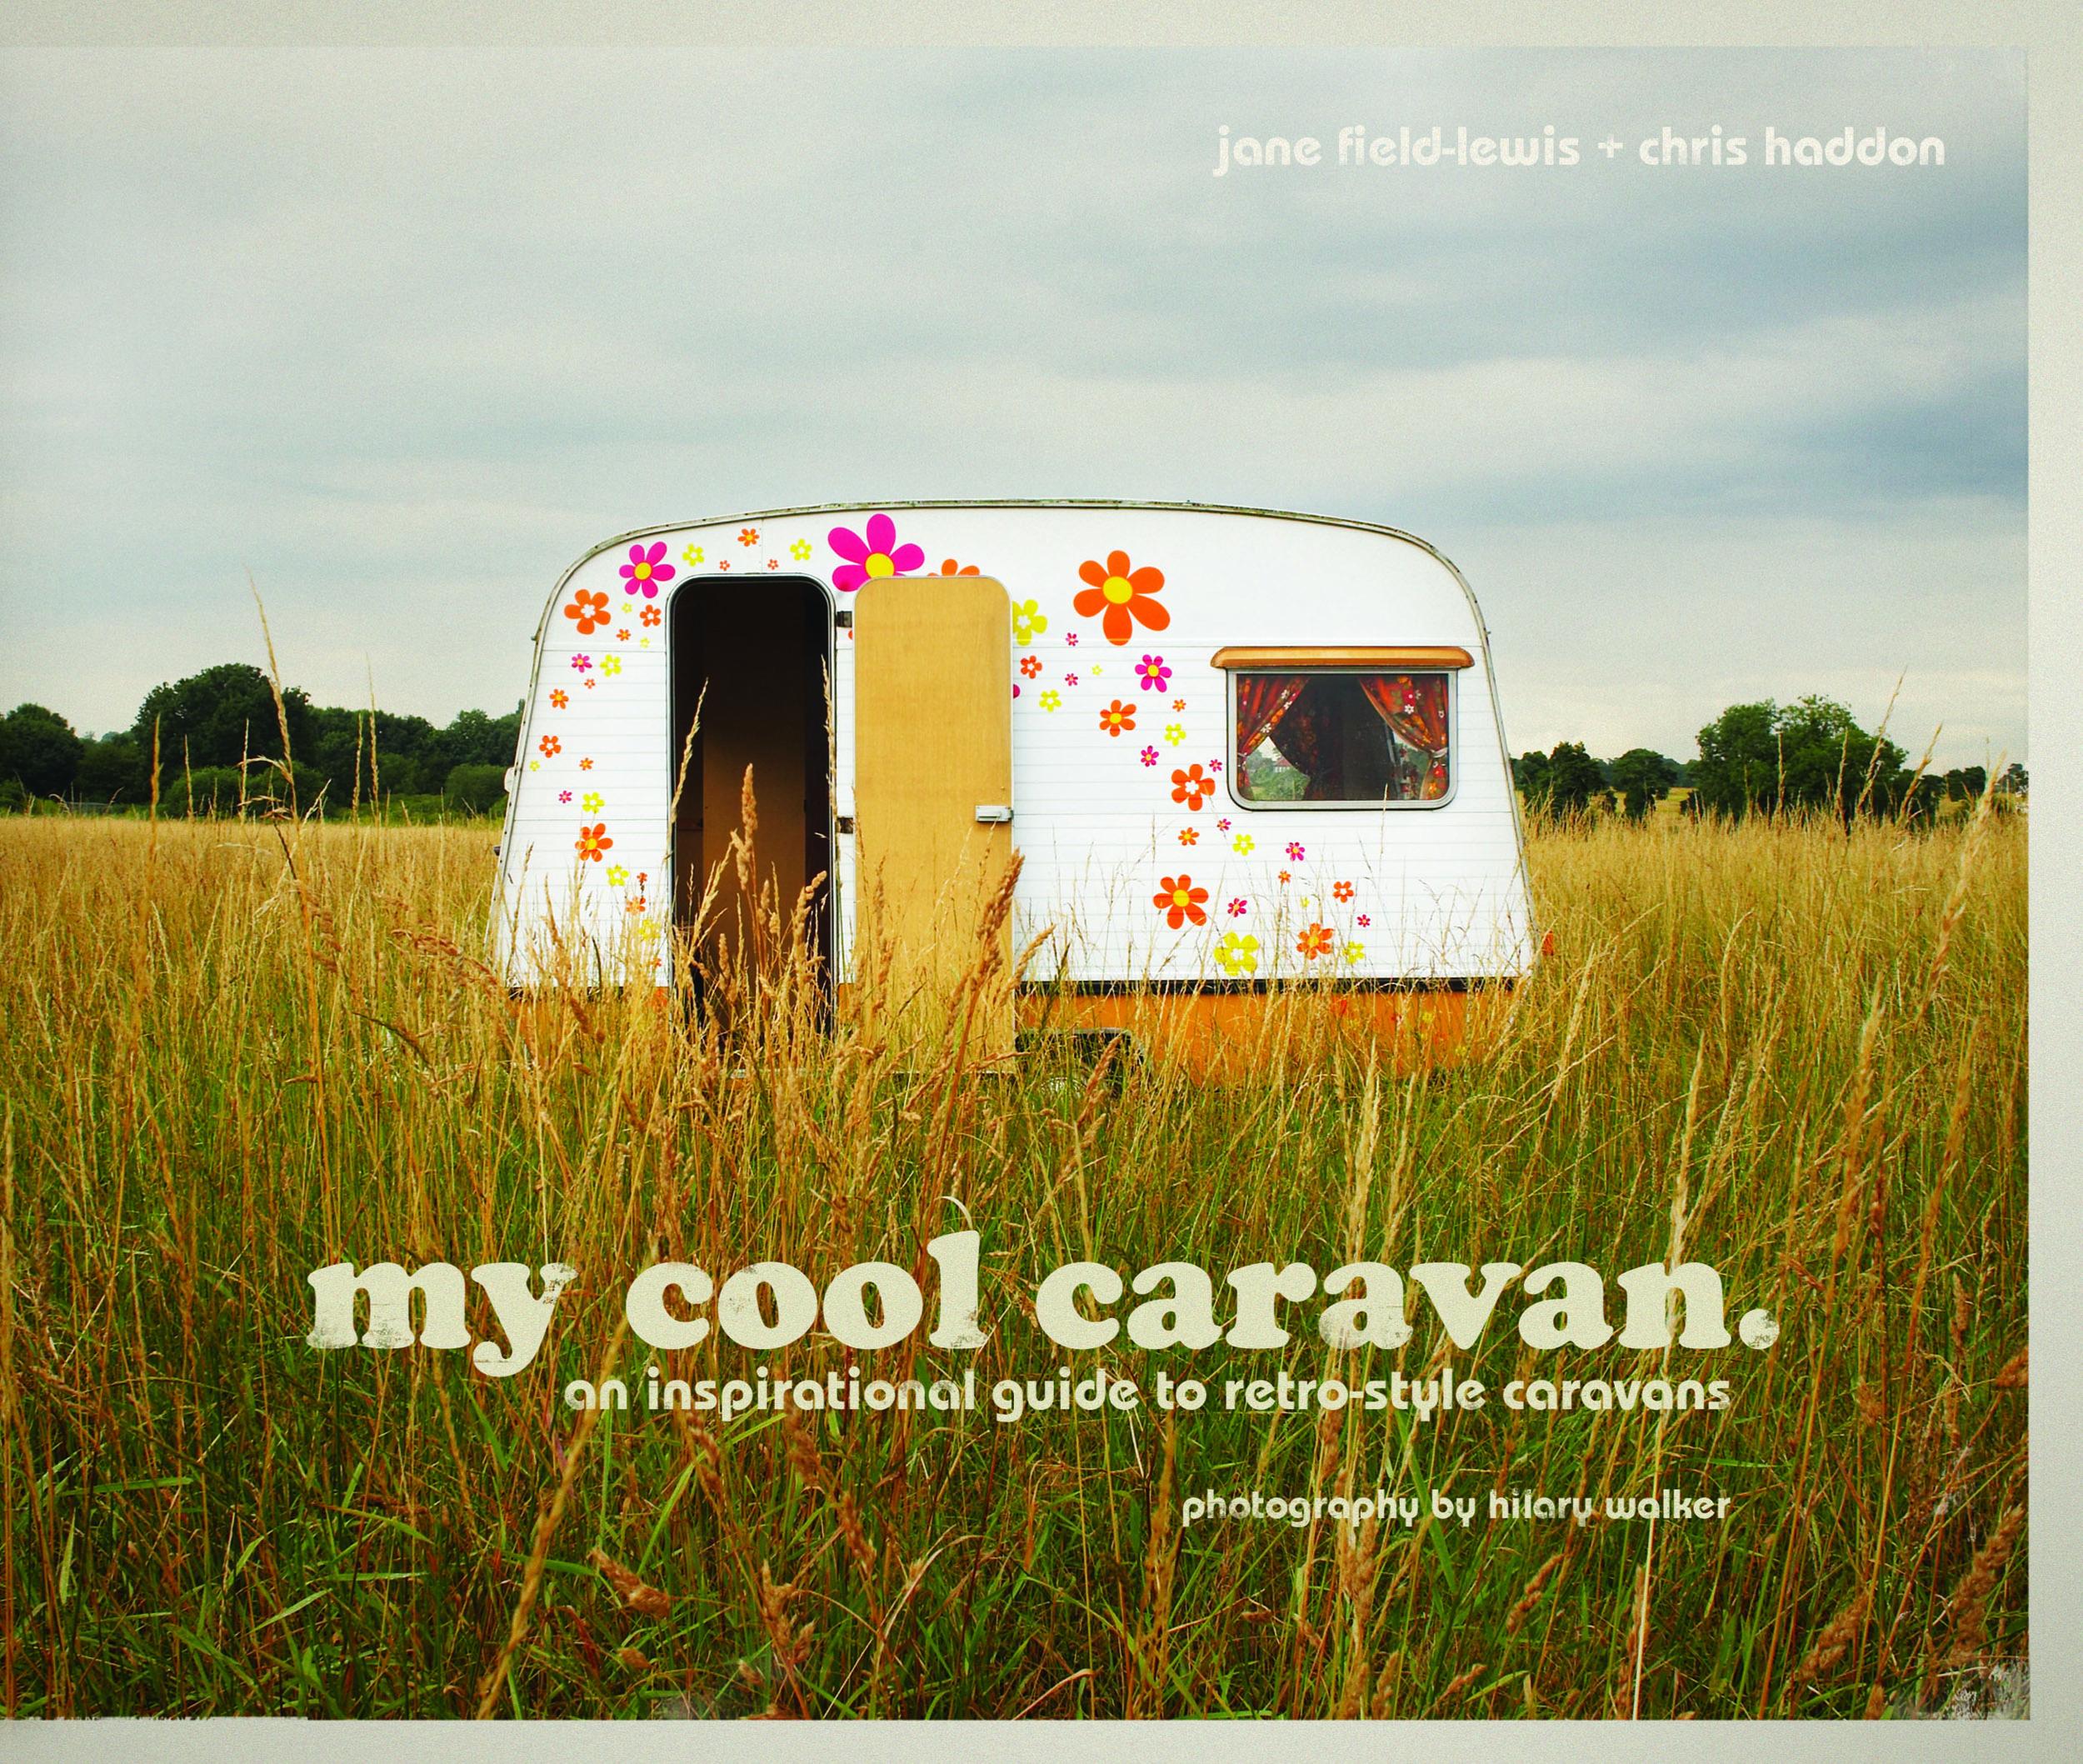 My Cool Caravan